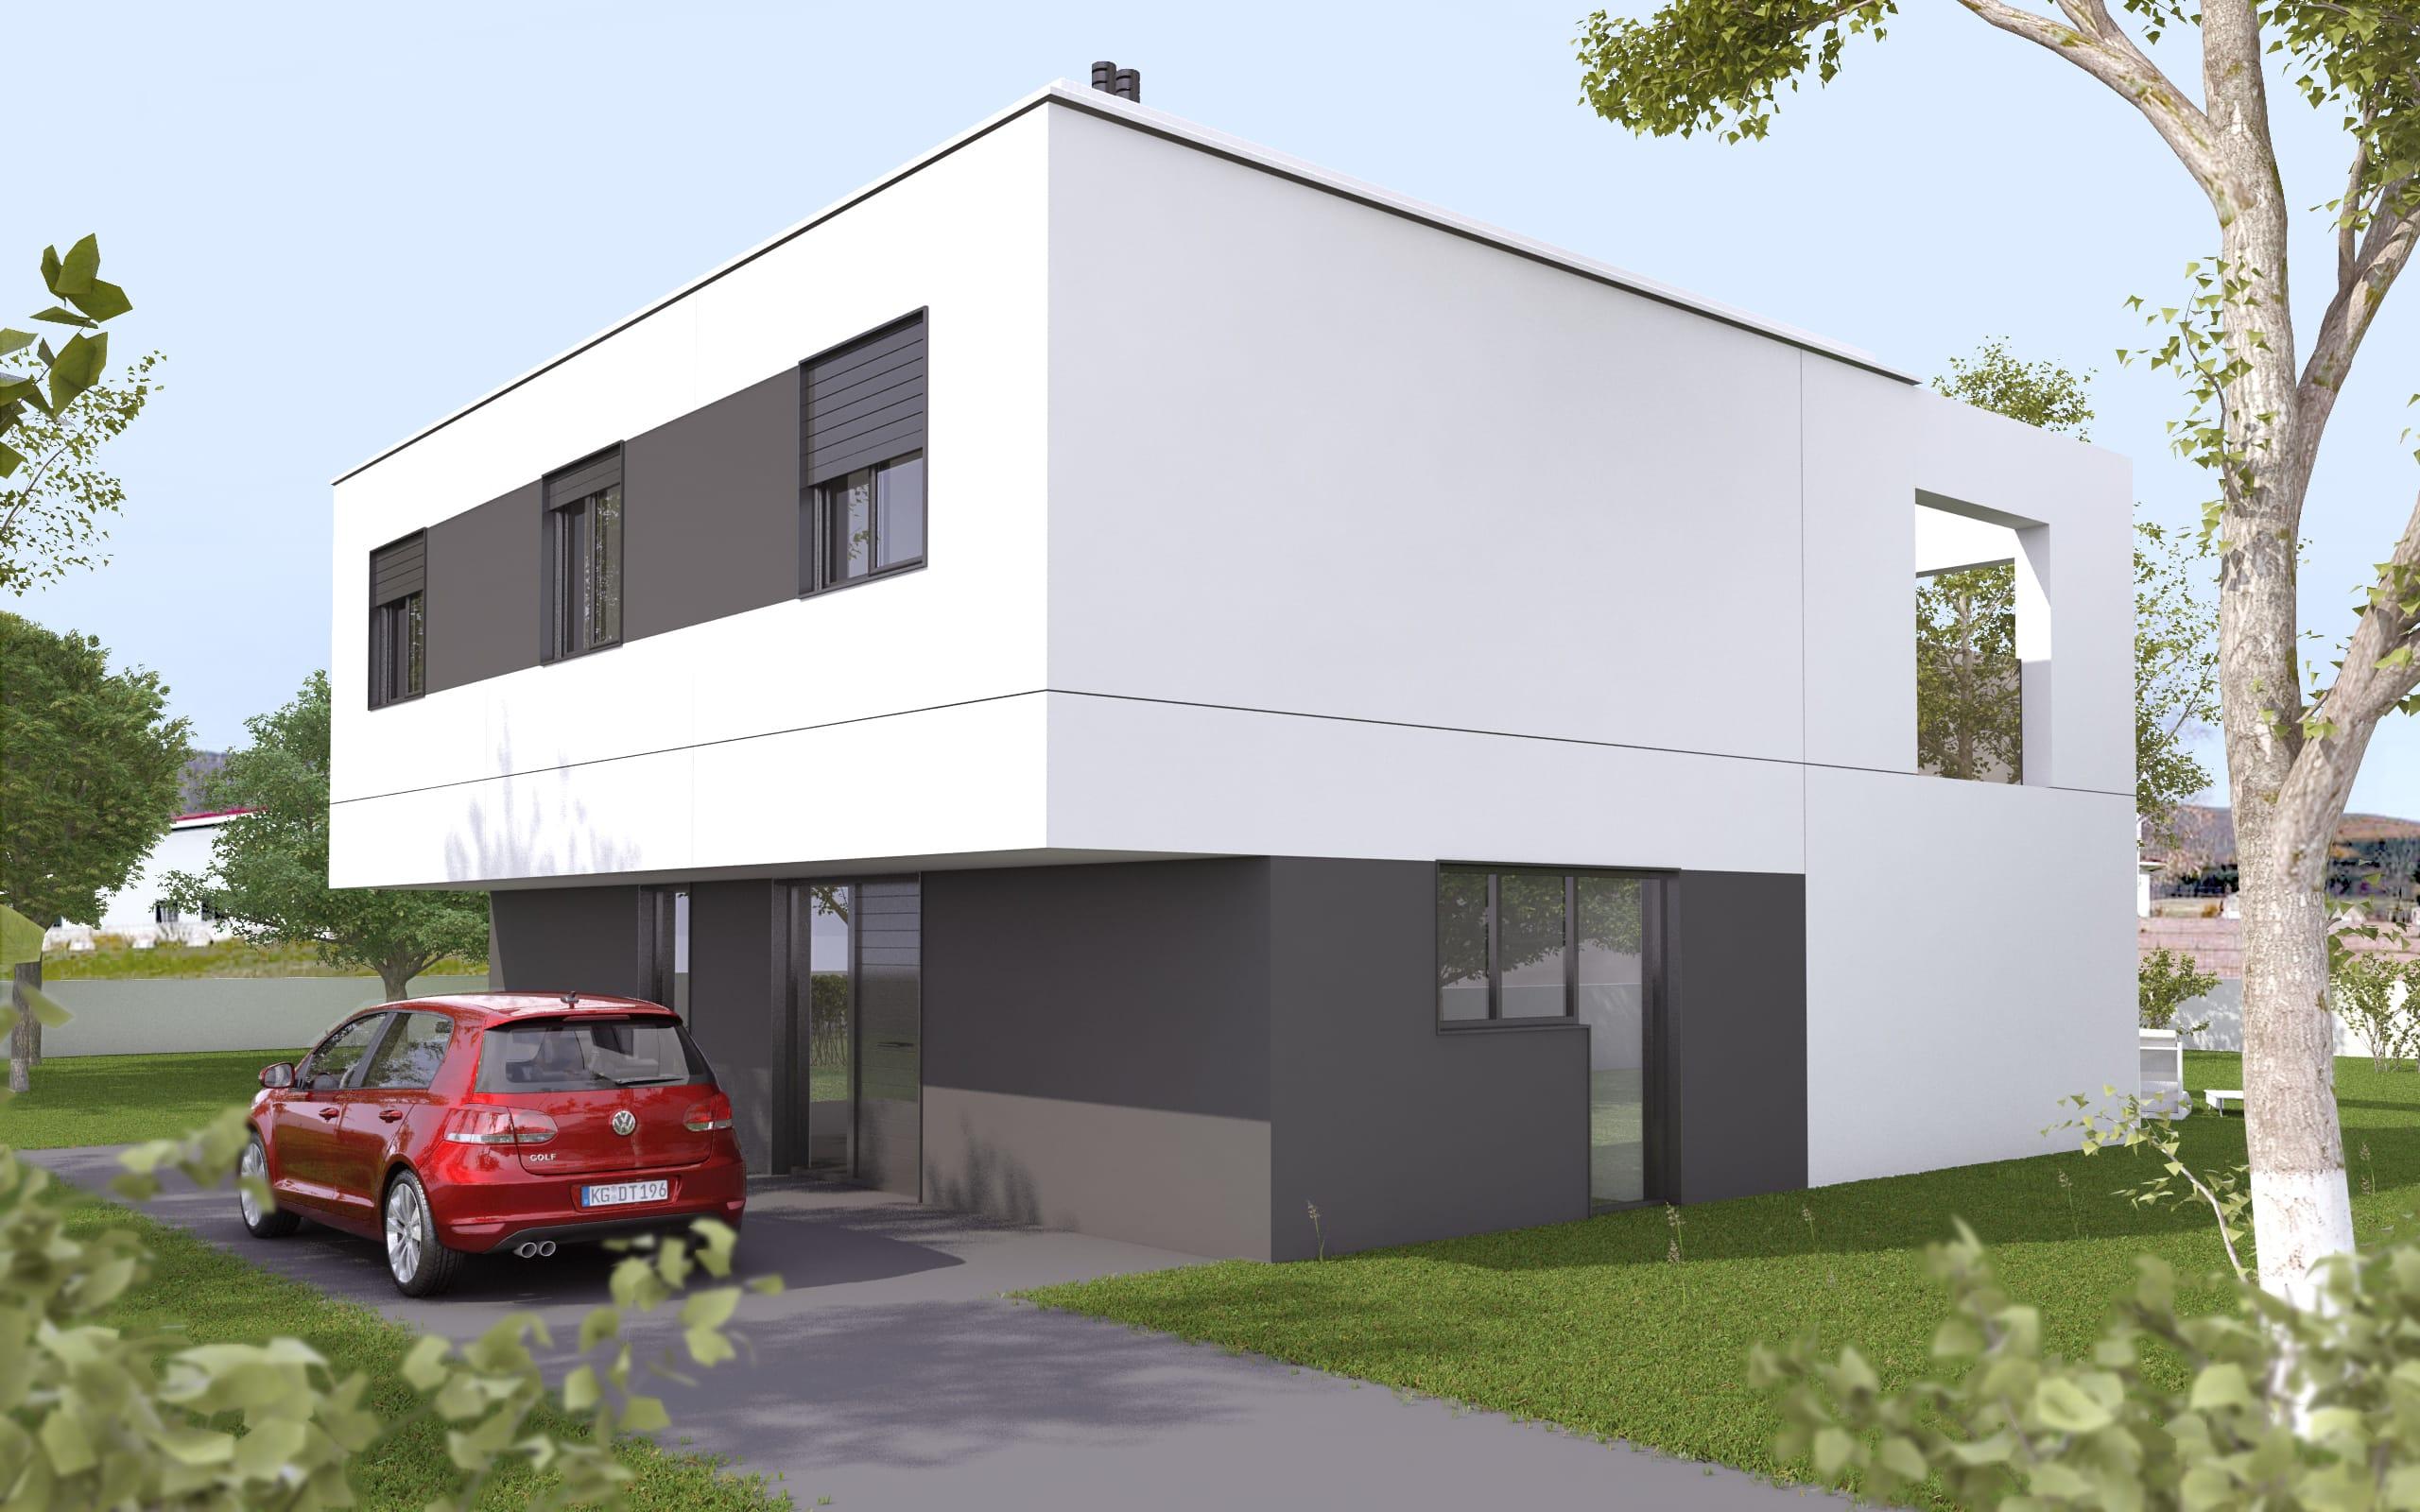 Modelo ht2 vivienda prefabricada en hormig n hormitech - Vivienda modular hormigon ...